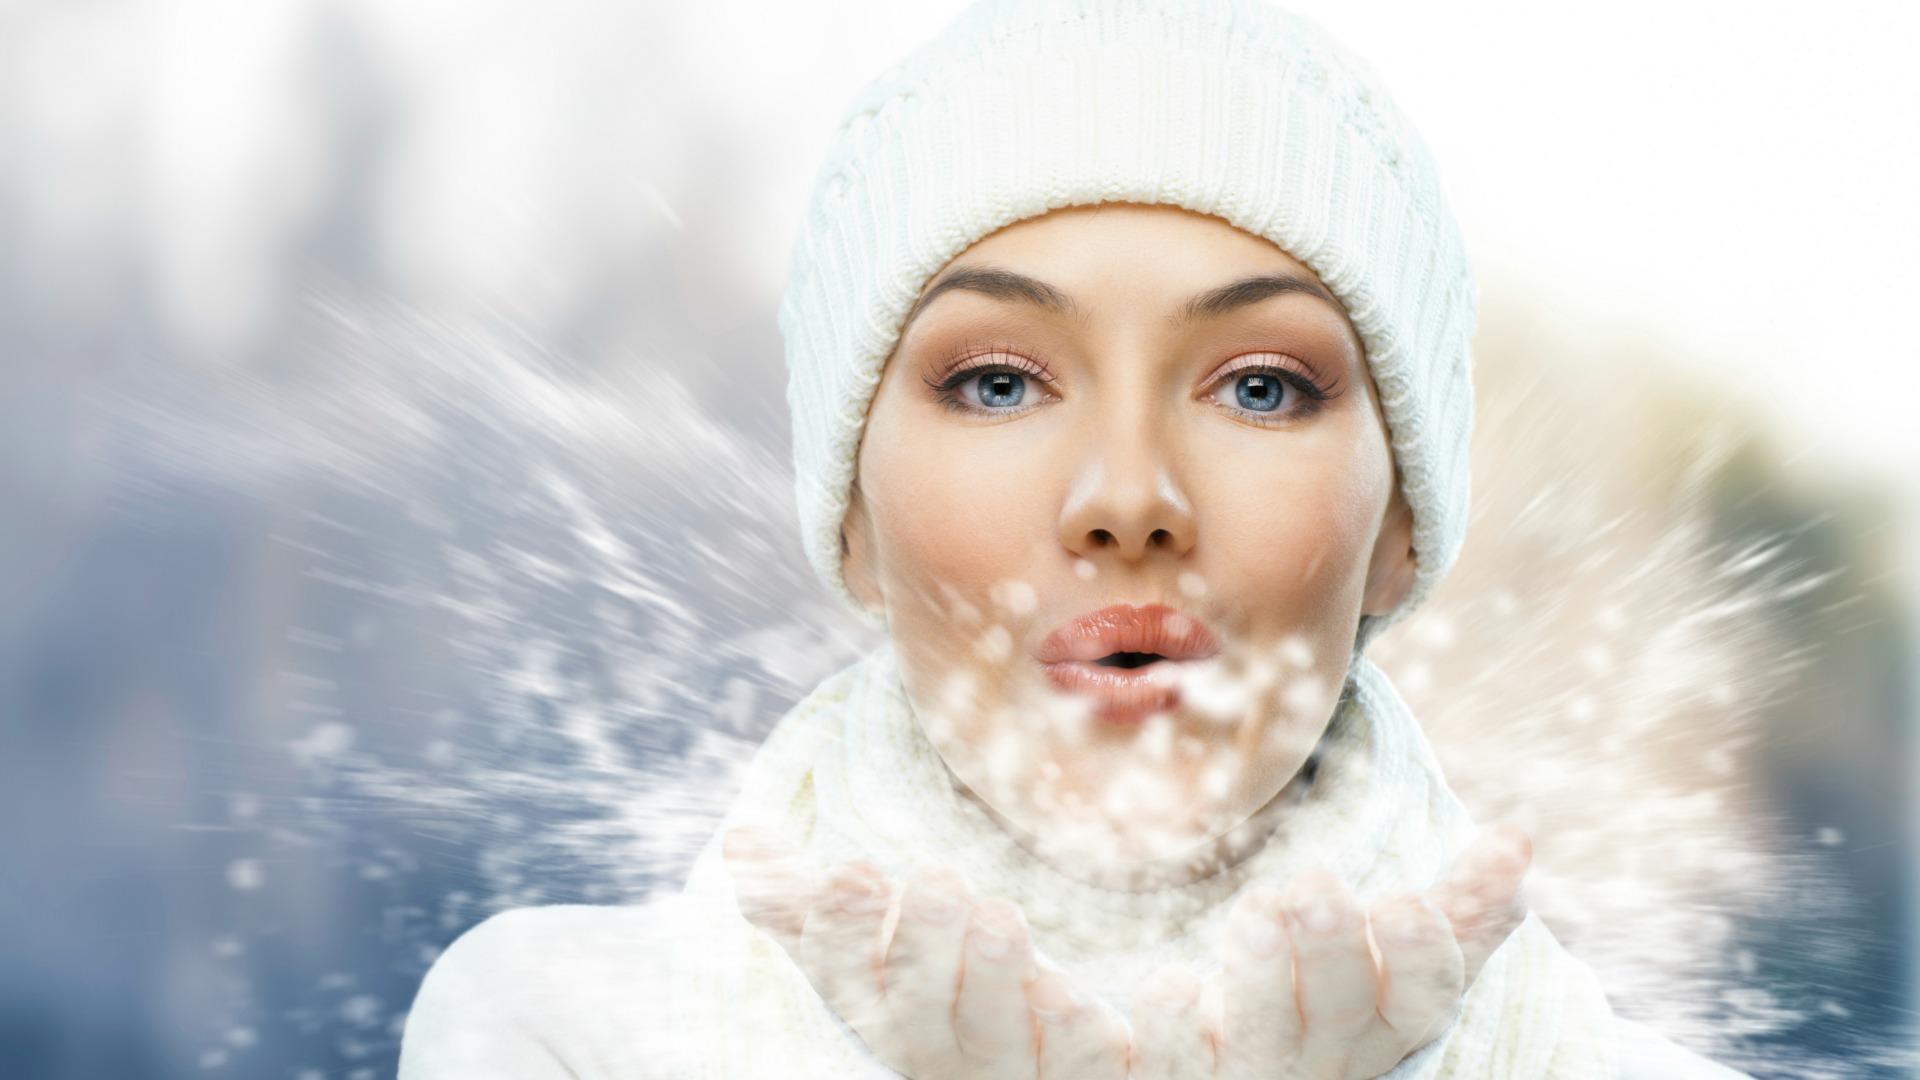 Μην αφήνετε τις γκρίζες χειμωνιάτικες ημέρες να σας ξεγελάσουν καθώς οι επικίνδυνες ακτινοβολίες διαπερνούν τα σύννεφα και βλάπτουν το δέρμα.